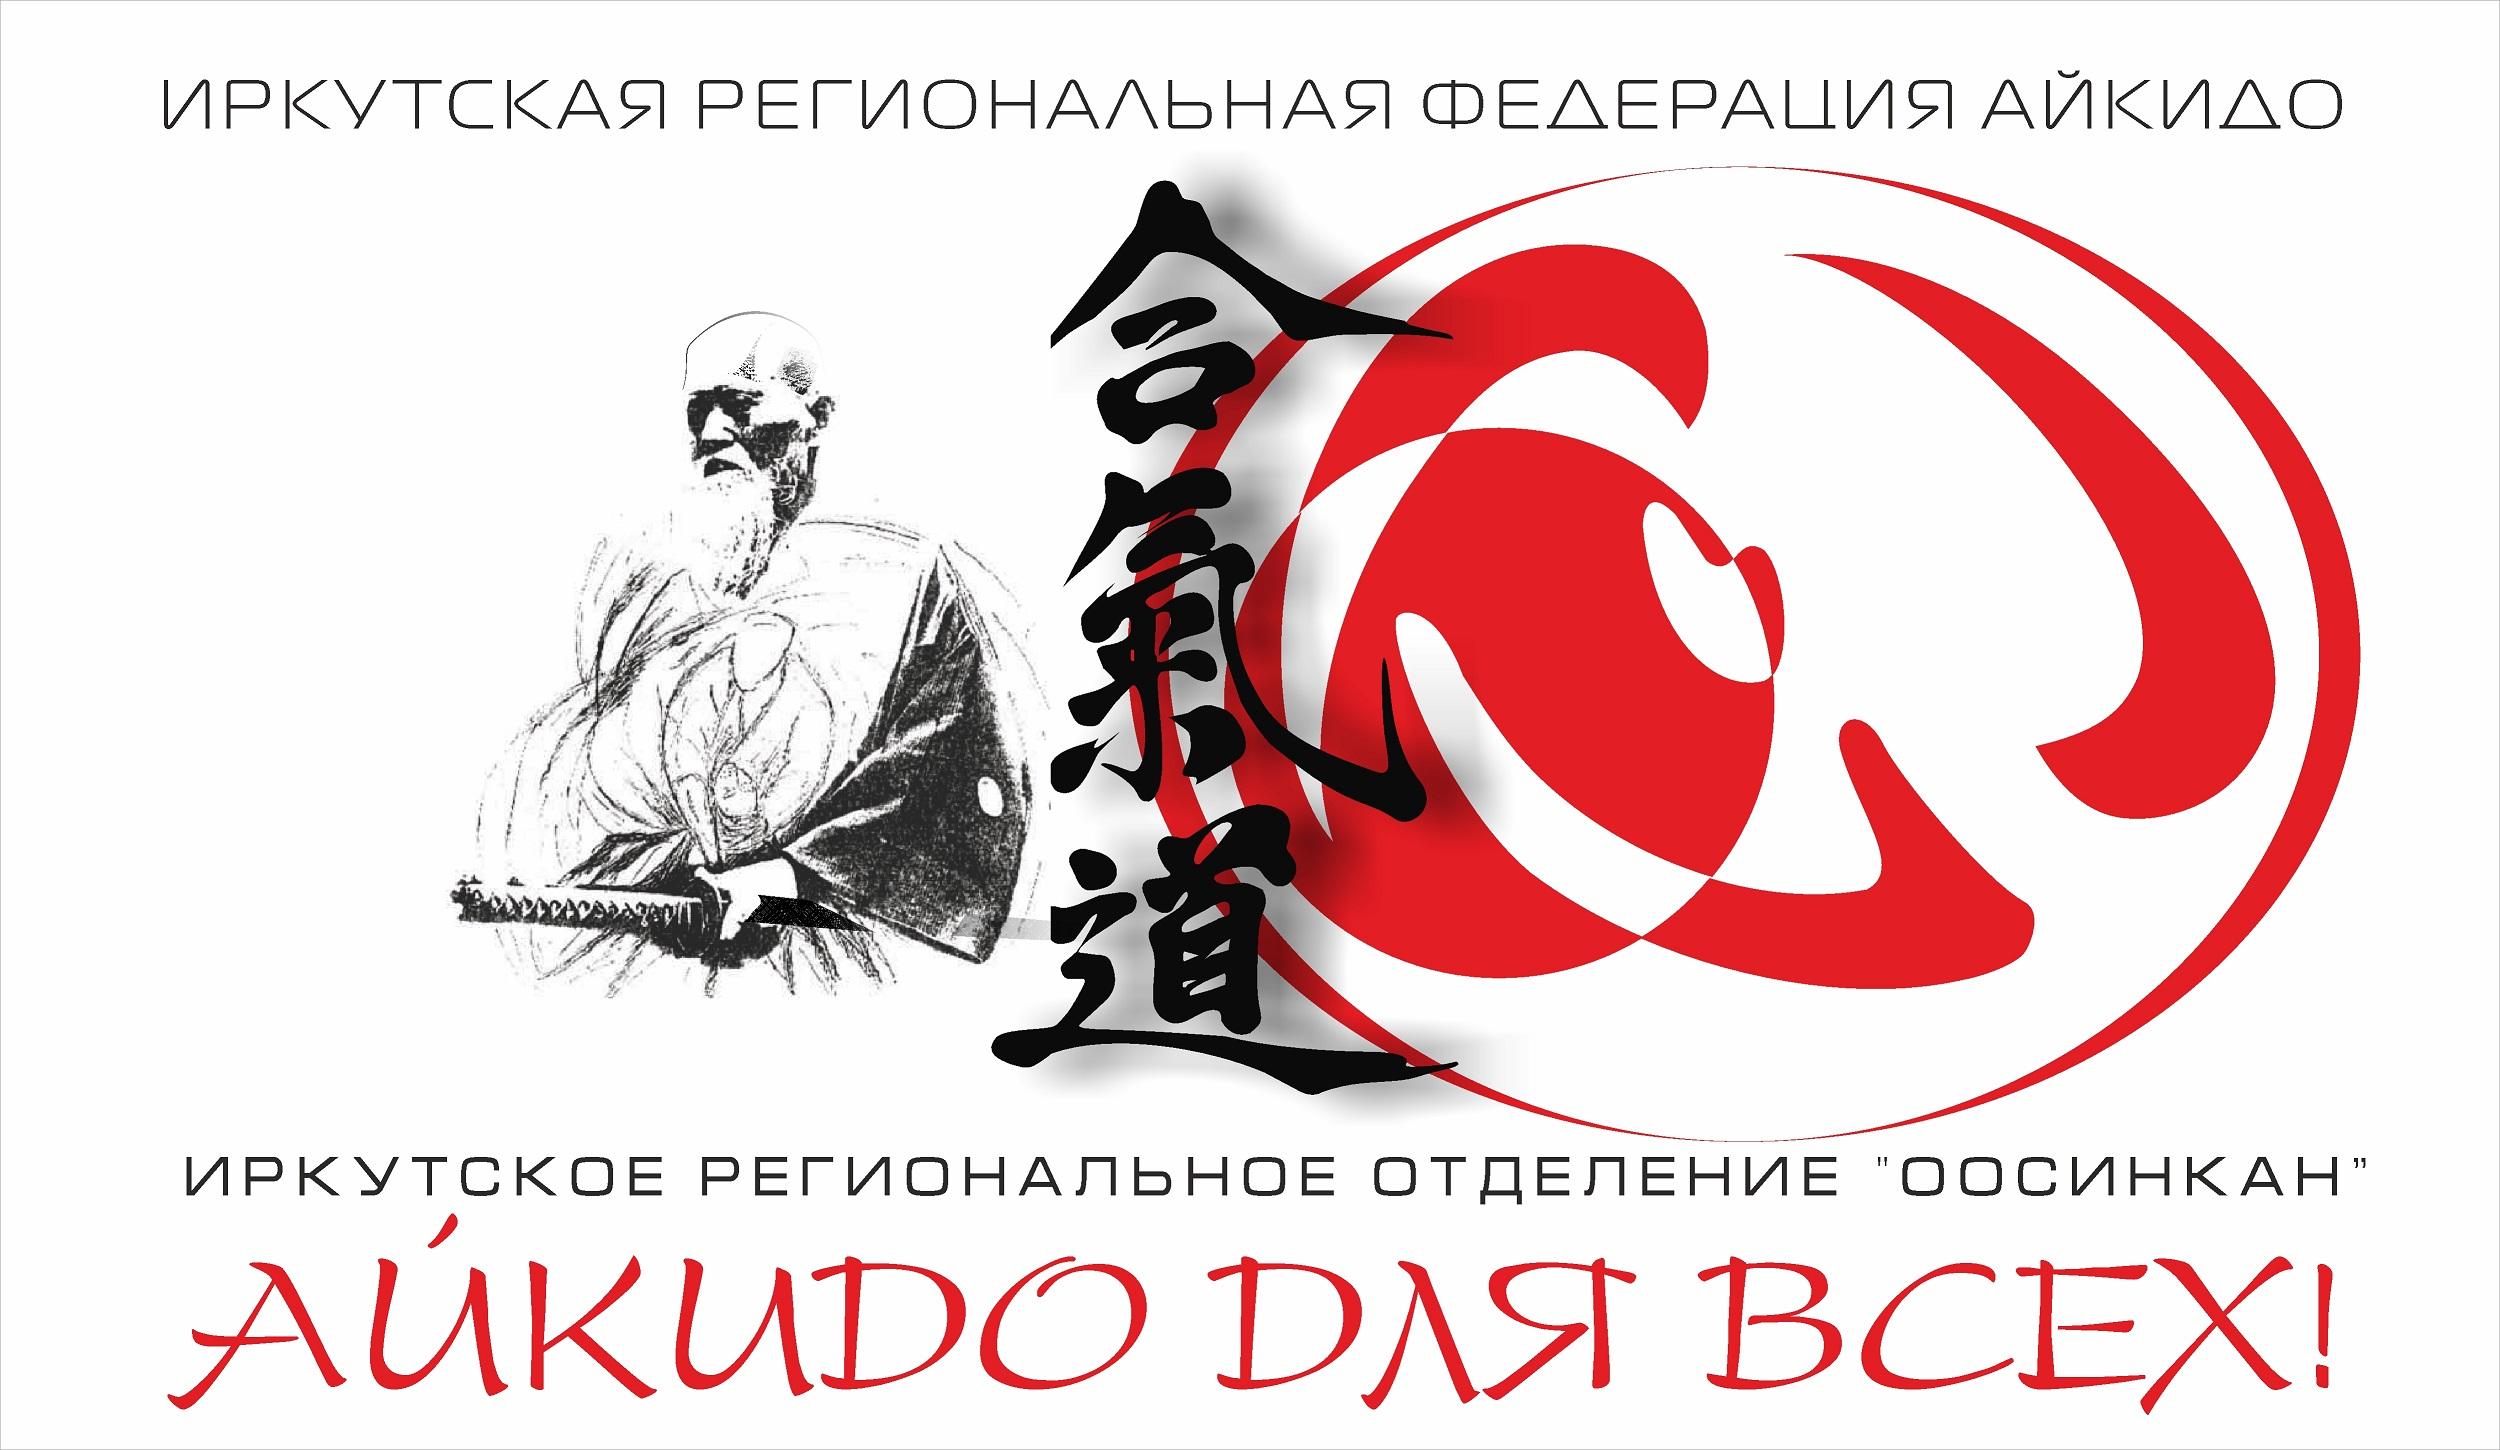 Иркутская федерация айкидо айкикай